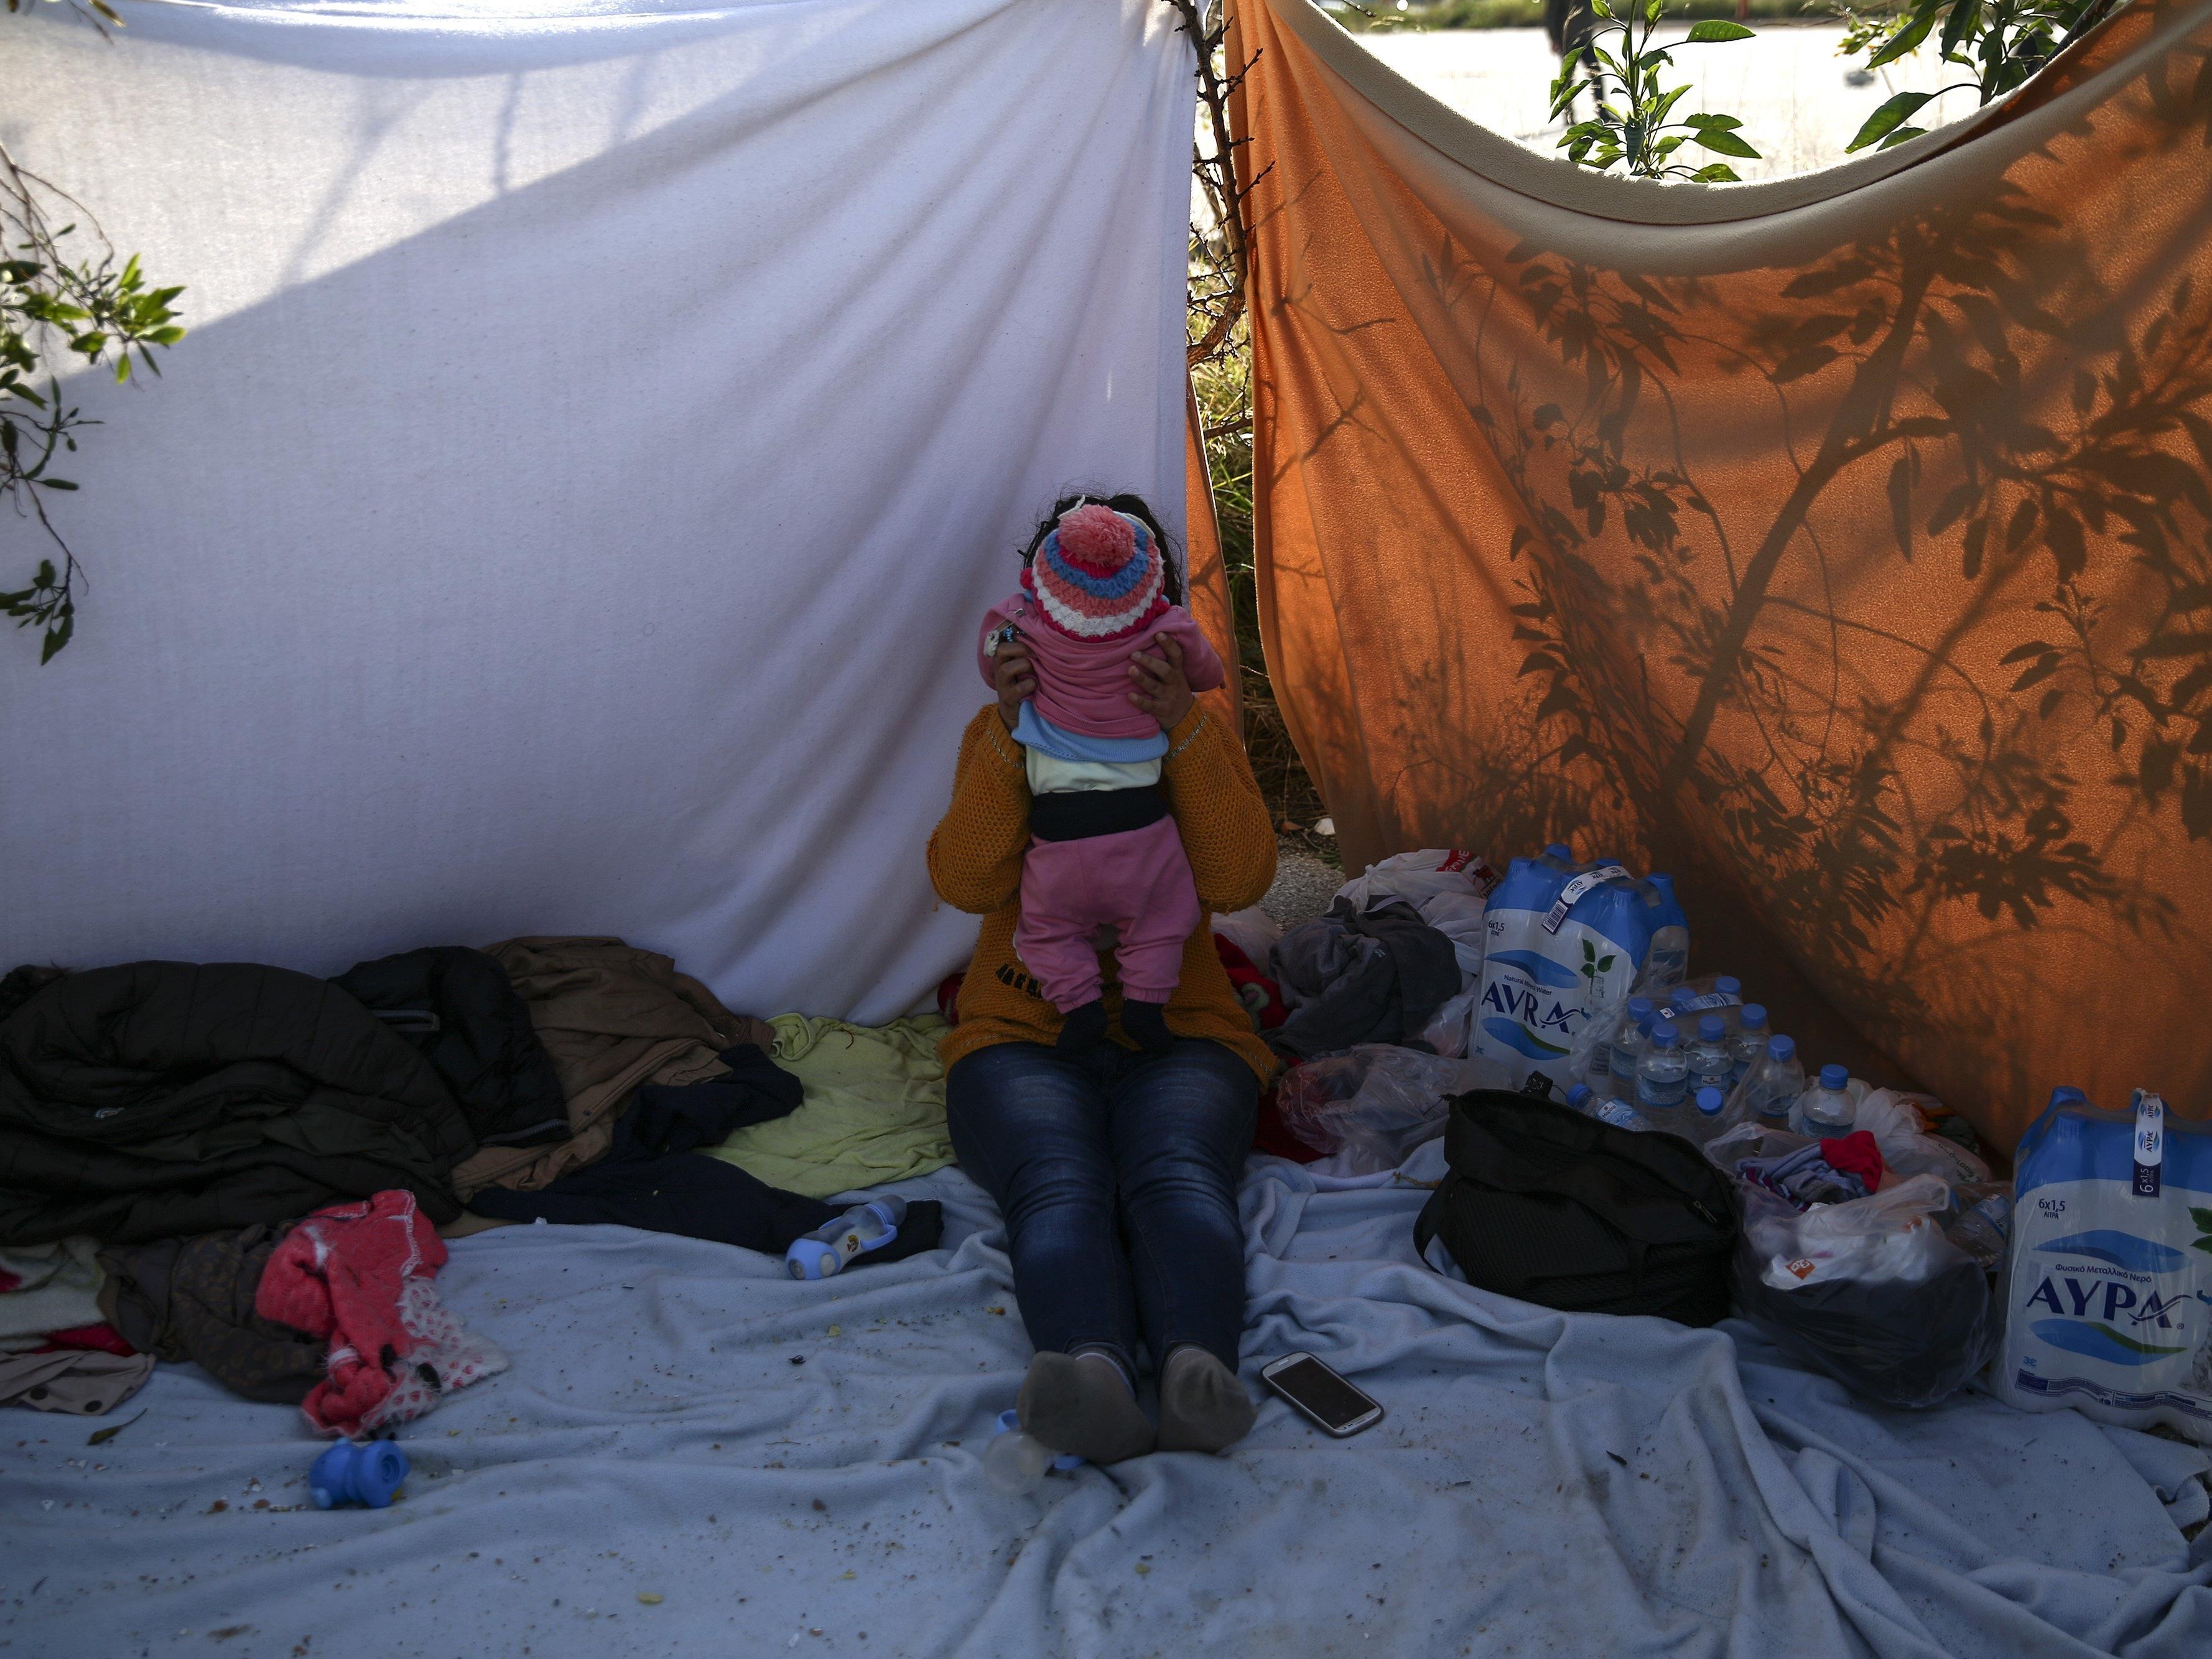 Nothilfe in Flüchtlingskrise: EU-Kommission will Plan am Mittwoch vorstellen